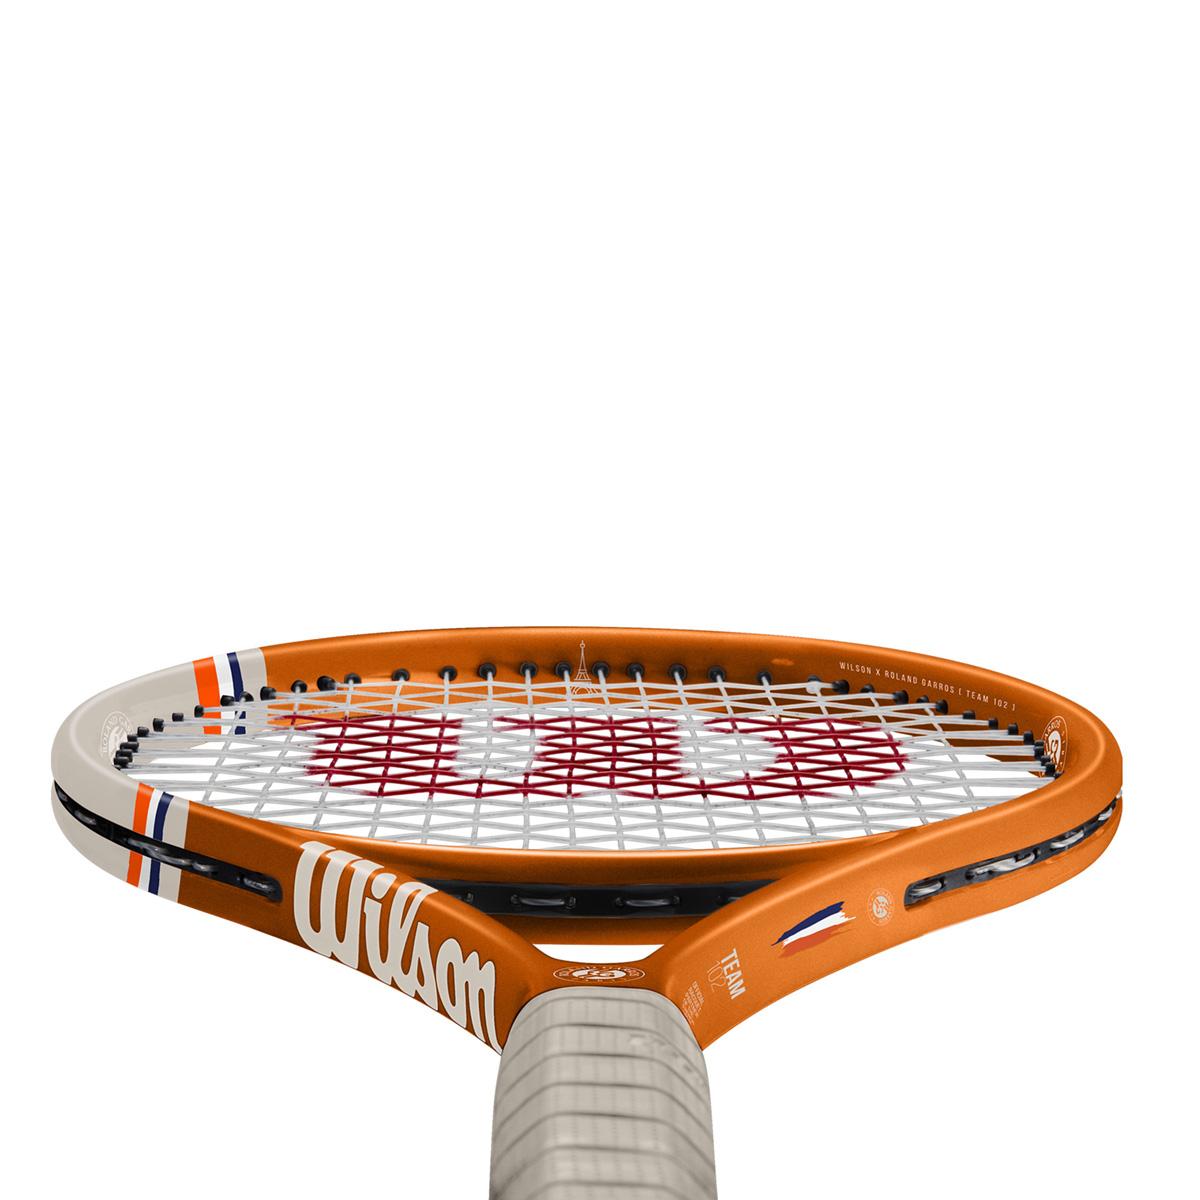 WR066310U_3_Roland_Garros_Team_102_OR_Oyster.png.cq5dam.web.2000.2000